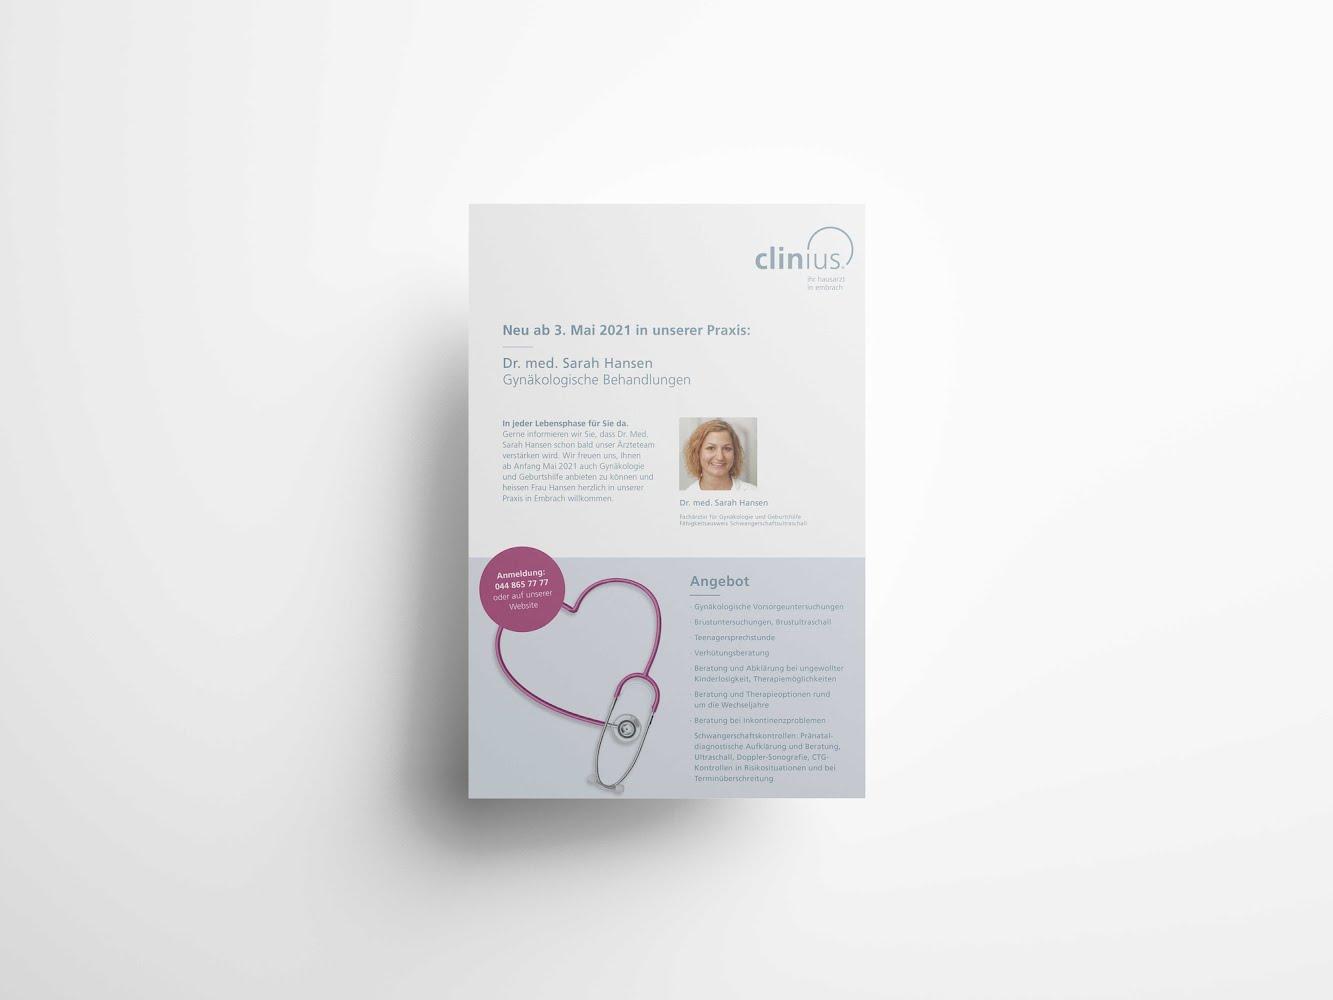 Mailing gynäkologische Behandlungen-2